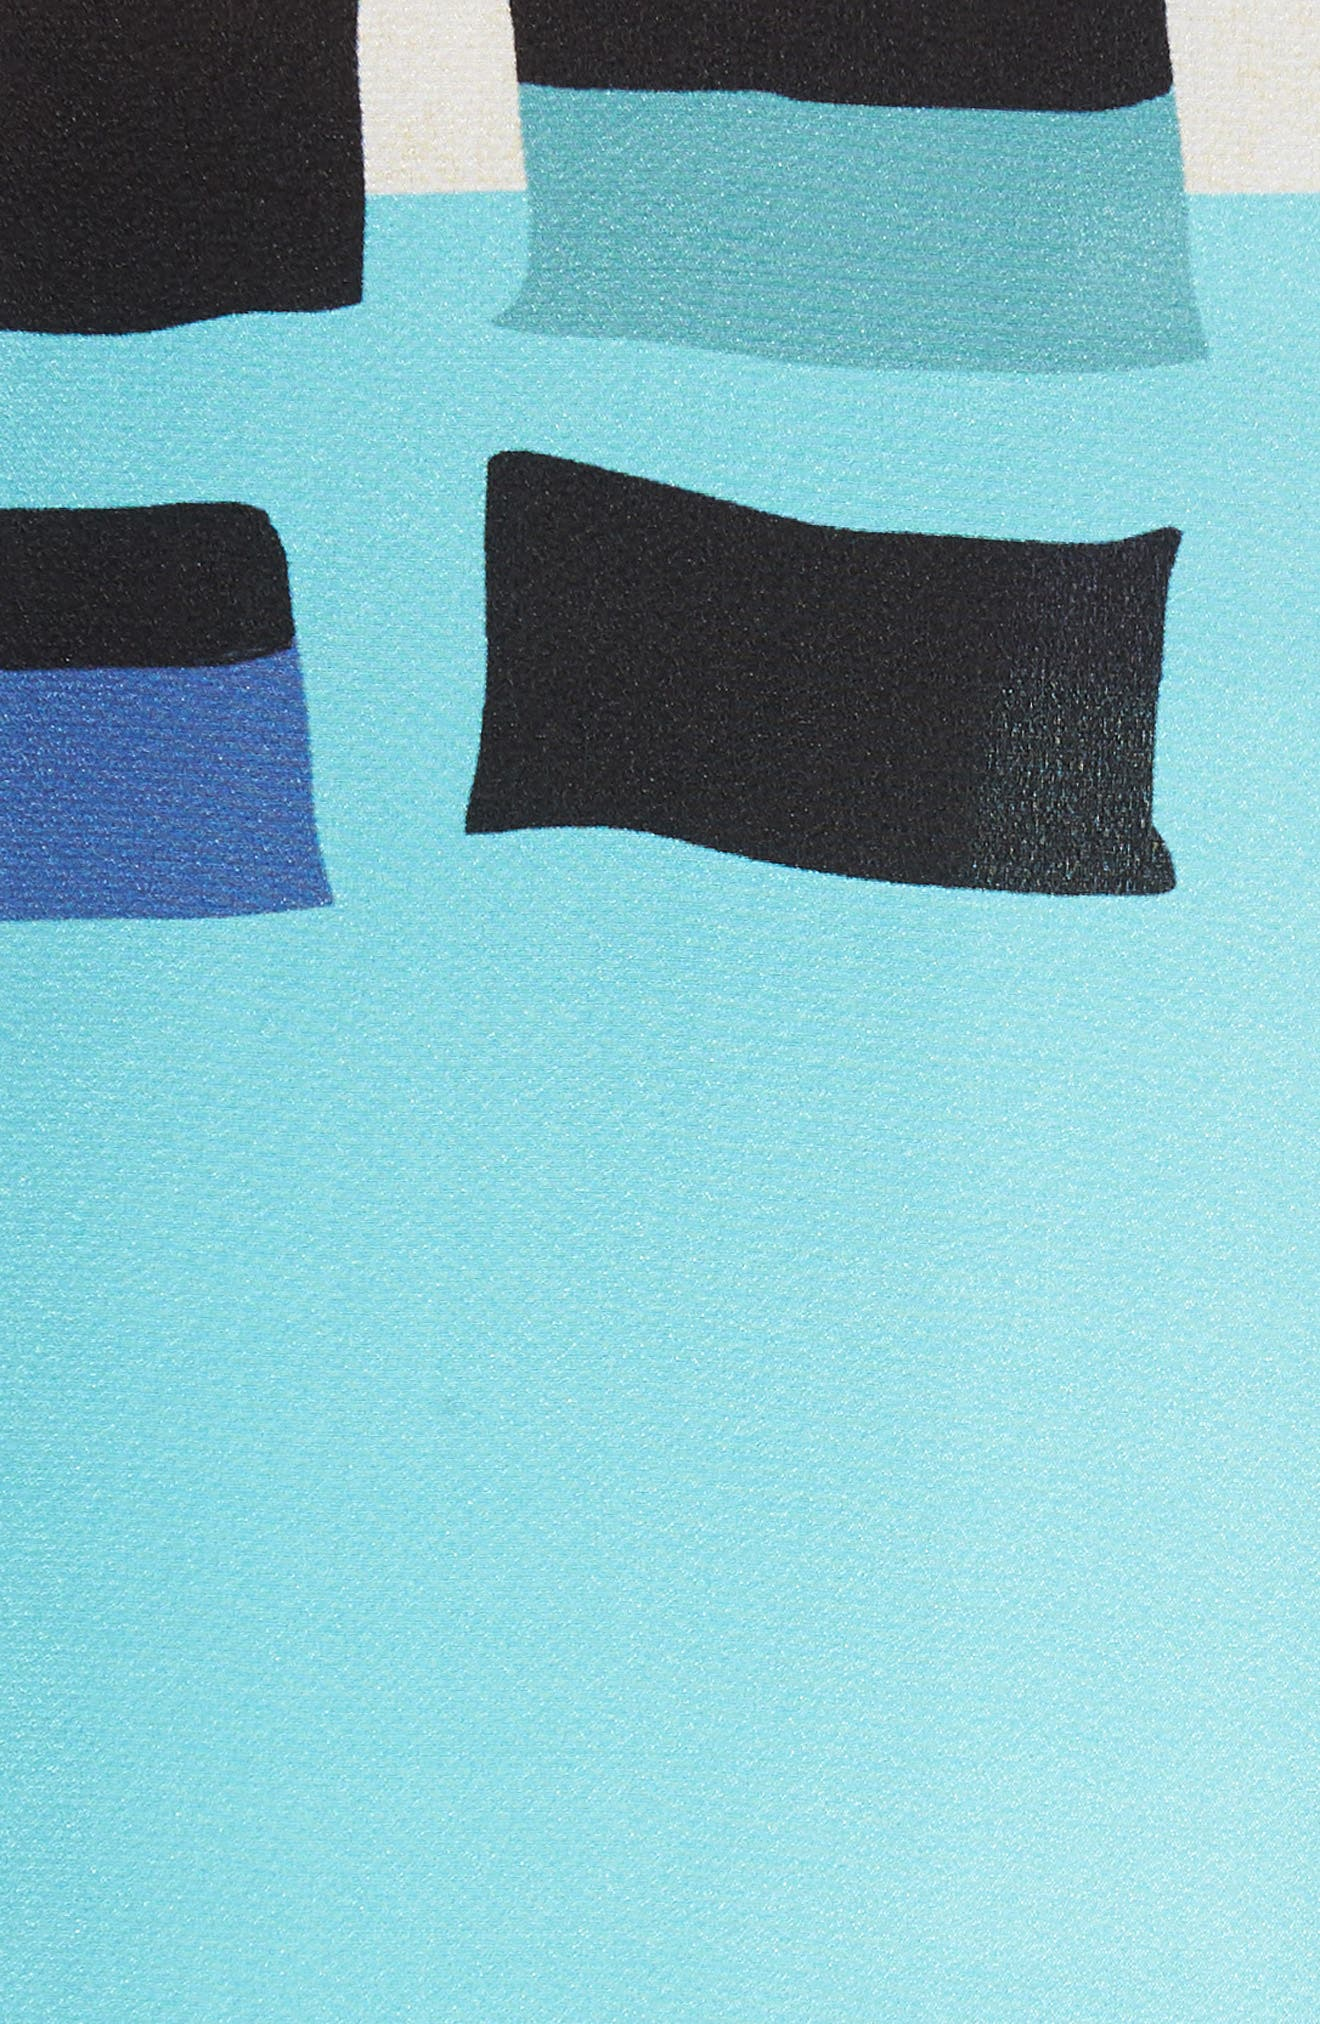 From Above Silk Blend Skirt,                             Alternate thumbnail 5, color,                             490